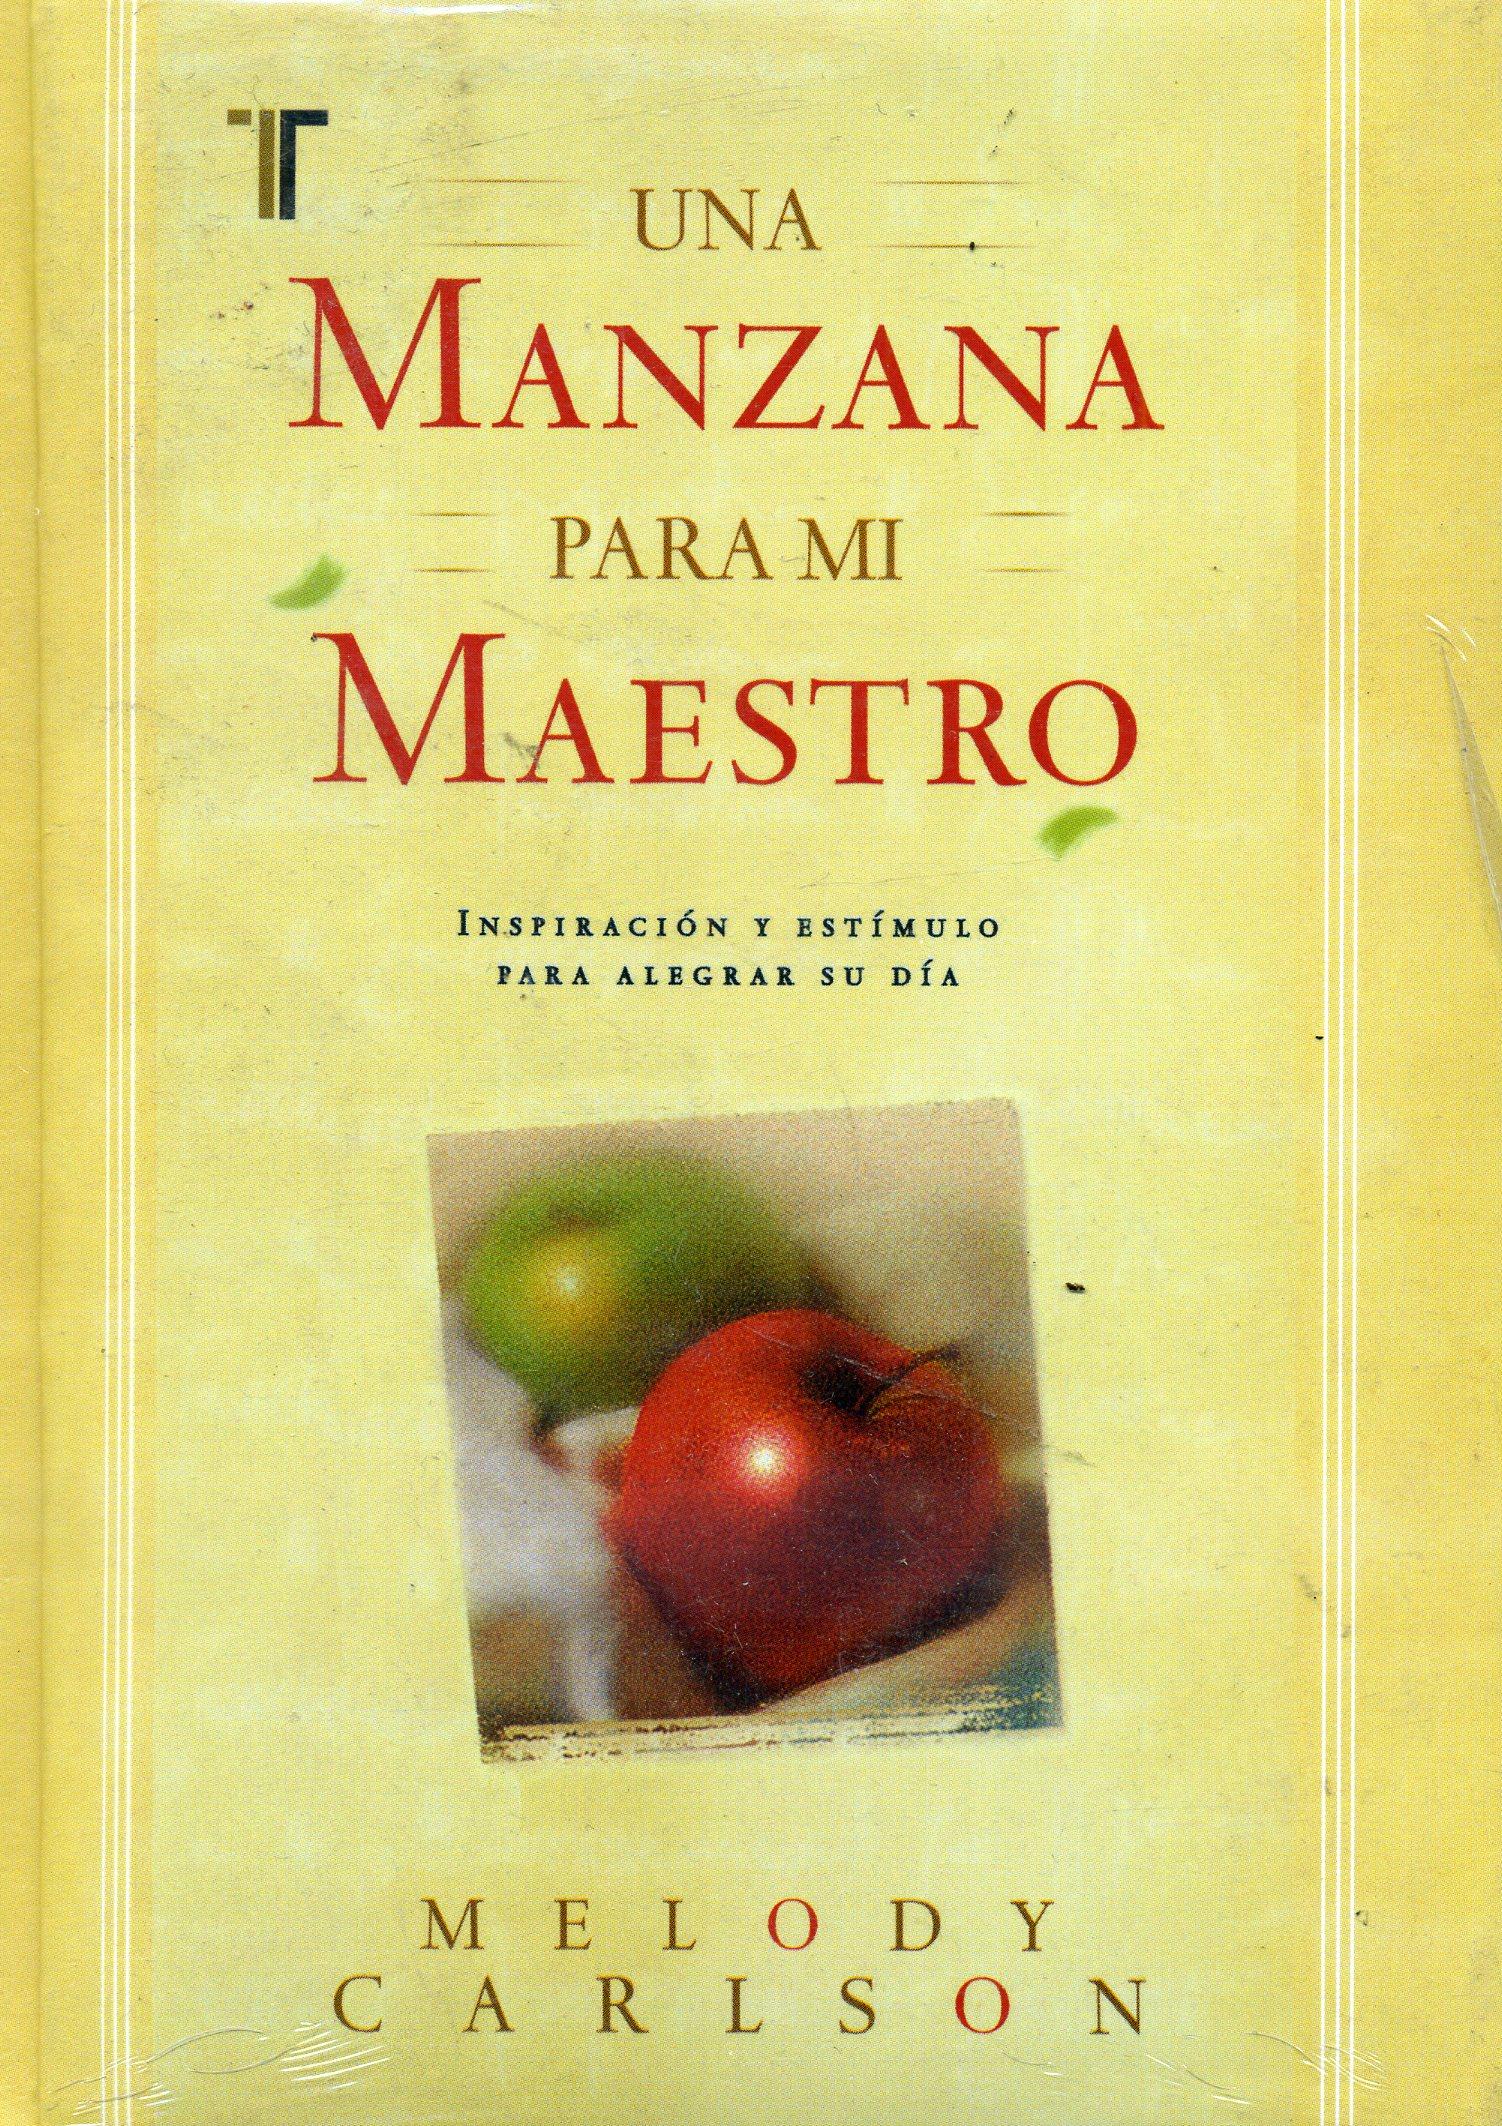 Una Manzana Para Mi Maestro (9781588024220): CLC Colombia